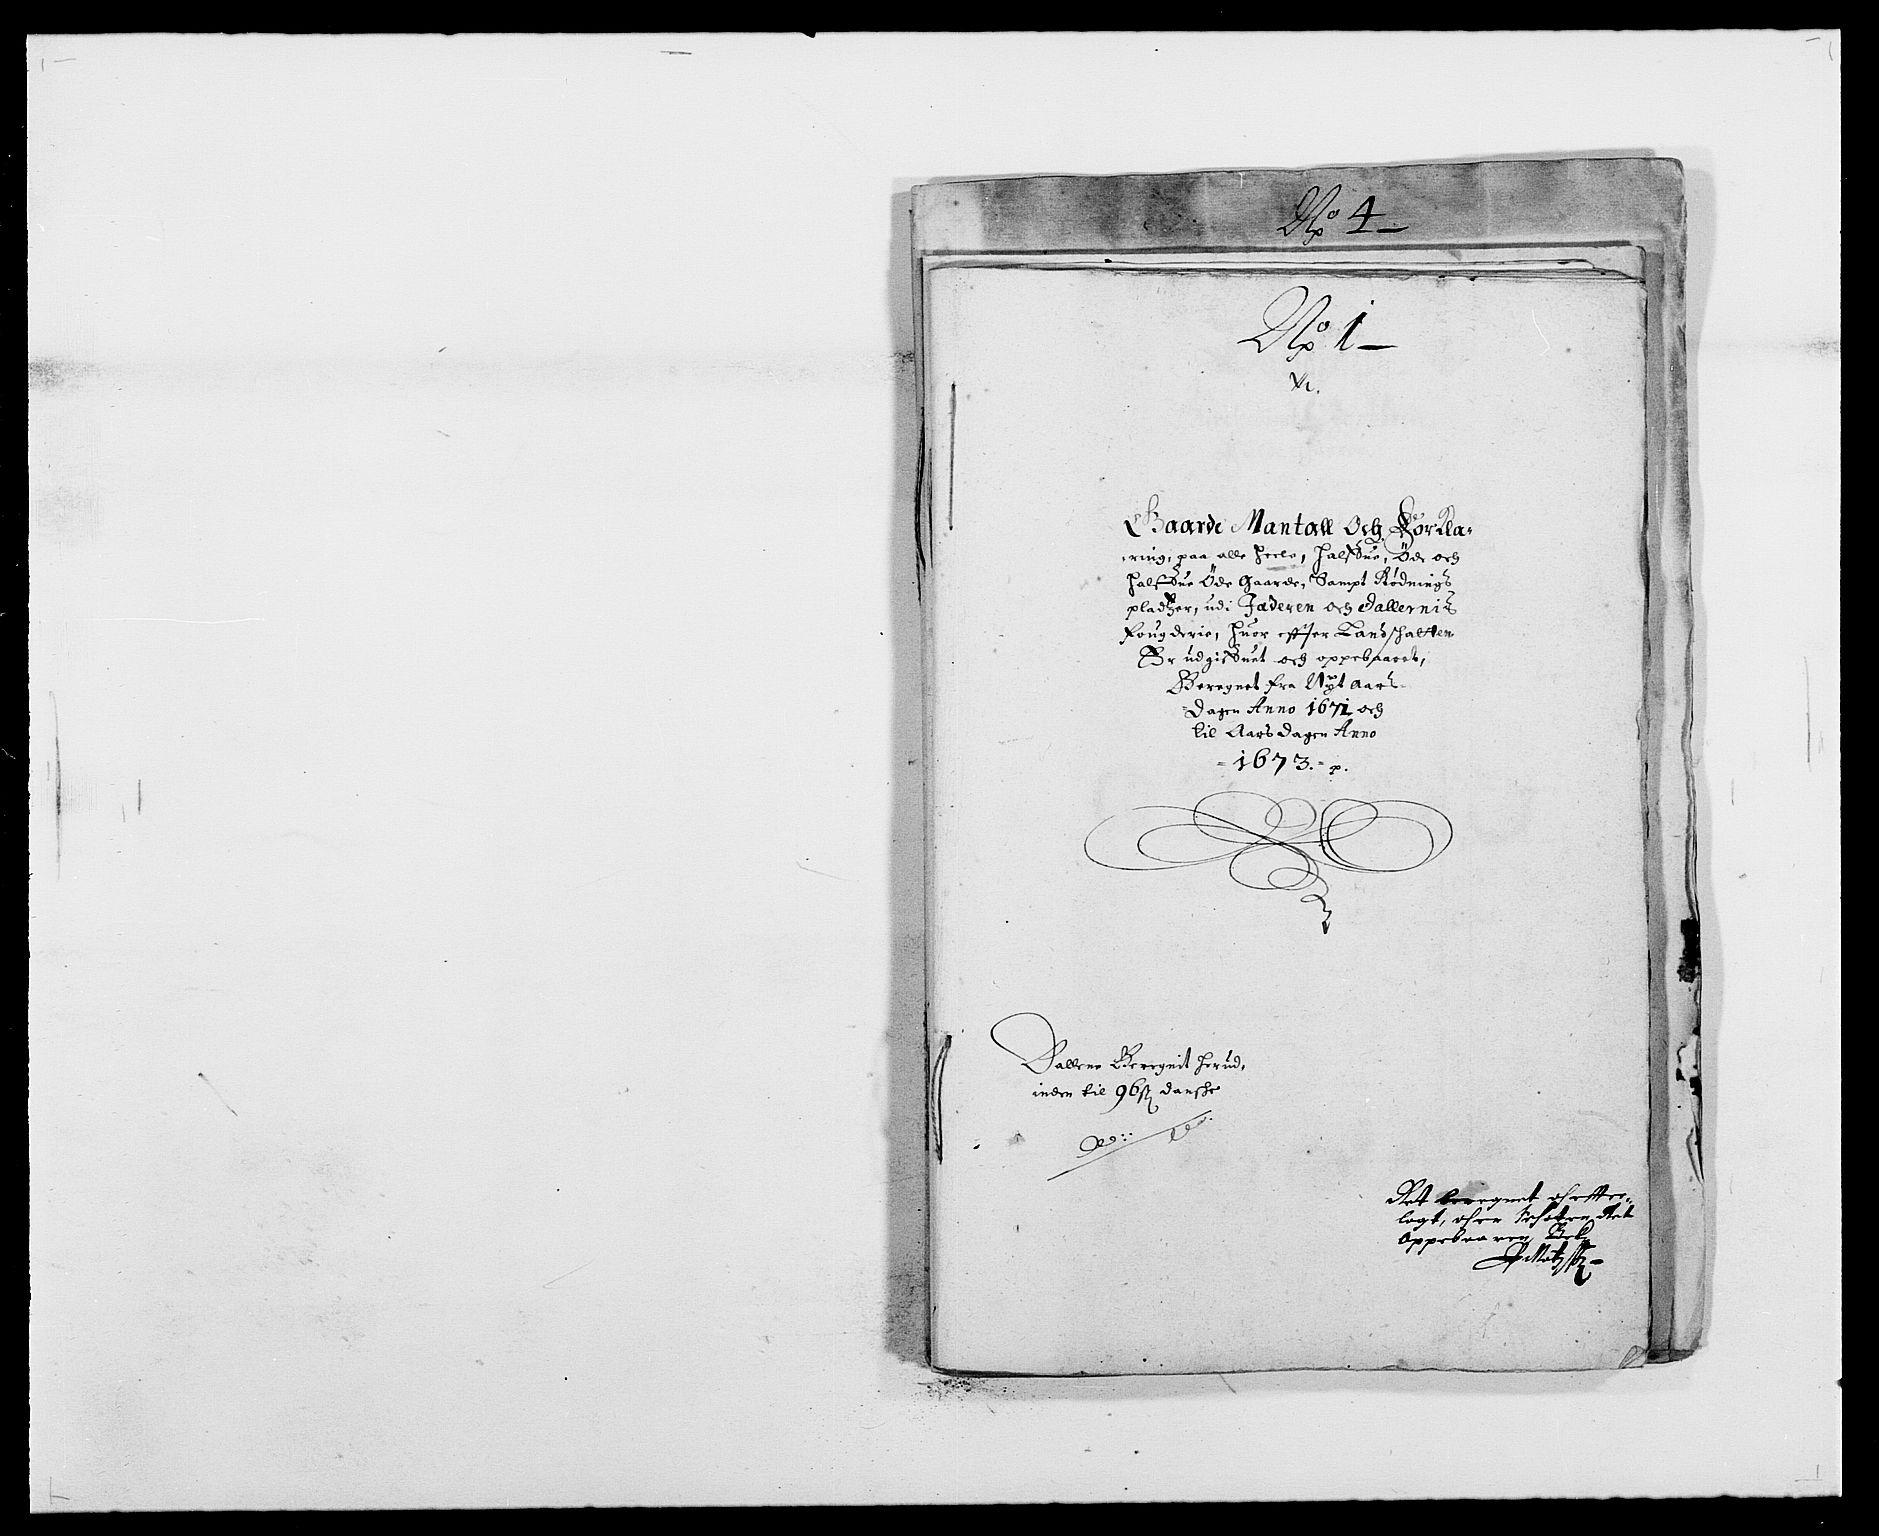 RA, Rentekammeret inntil 1814, Reviderte regnskaper, Fogderegnskap, R46/L2713: Fogderegnskap Jæren og Dalane, 1671-1672, s. 206